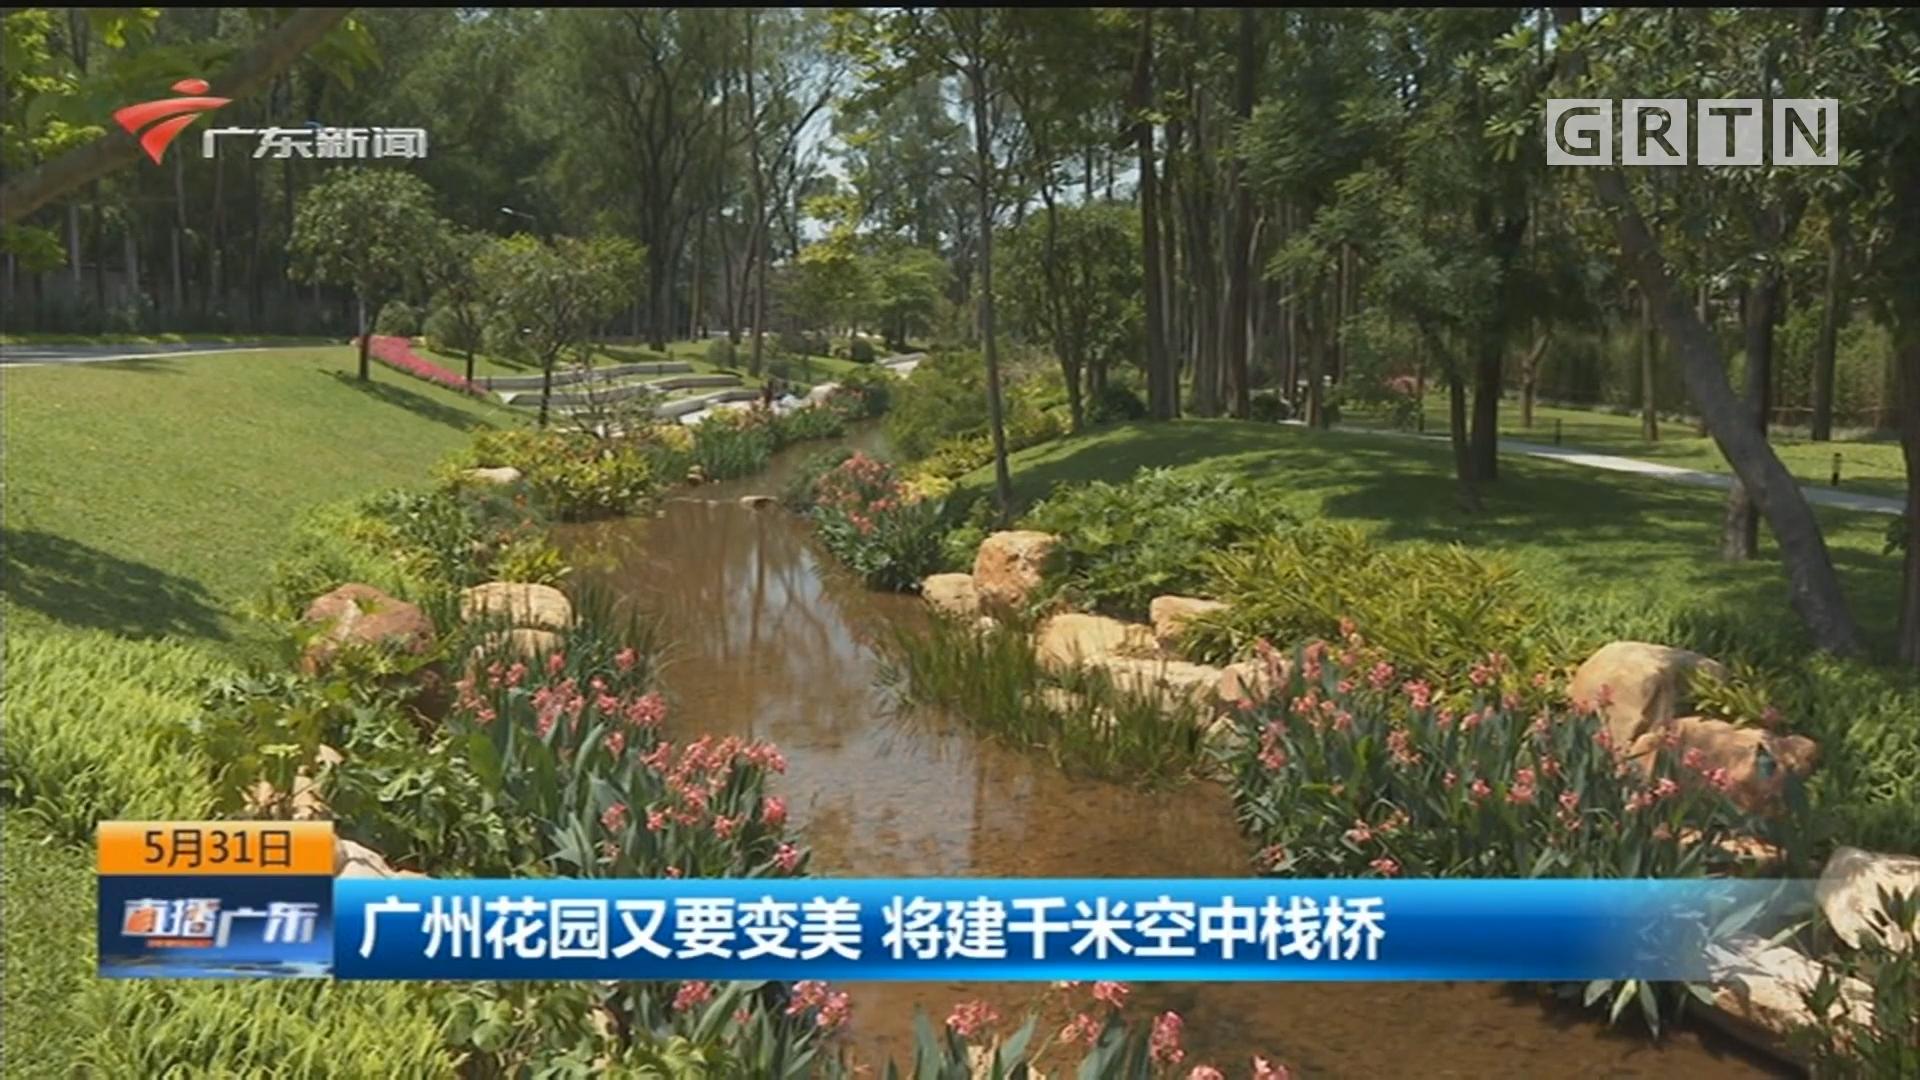 广州花园又要变美 将建千米空中栈桥